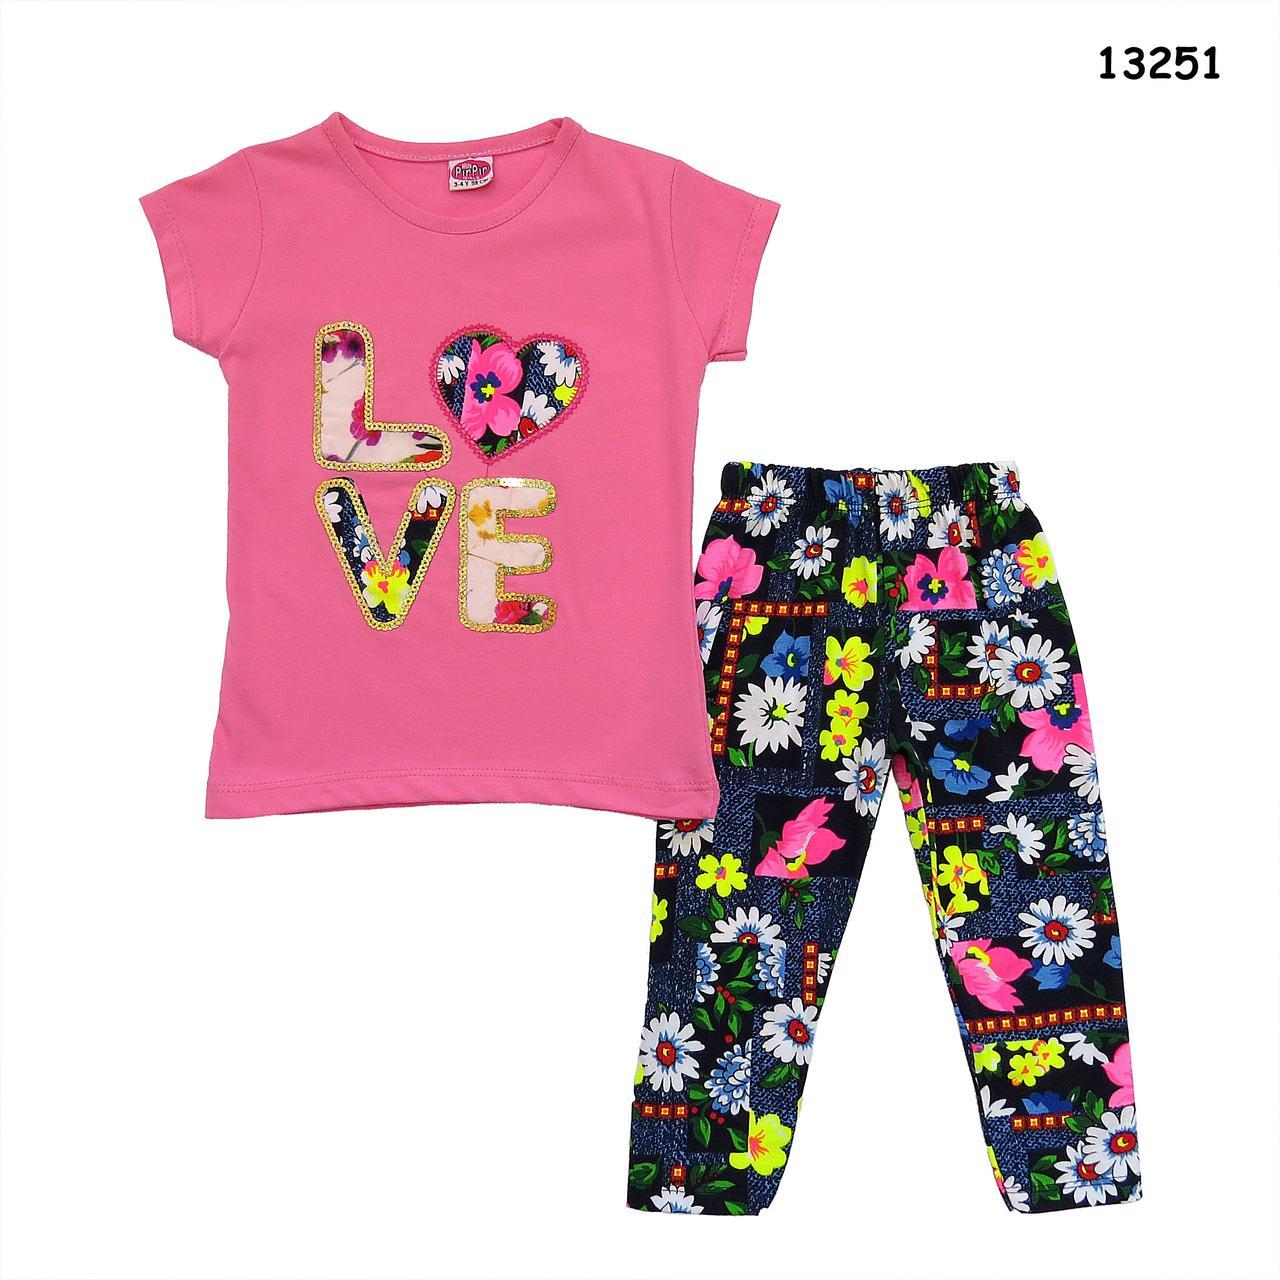 Летний костюм Love для девочки. 86, 98, 110, 122 см, фото 1